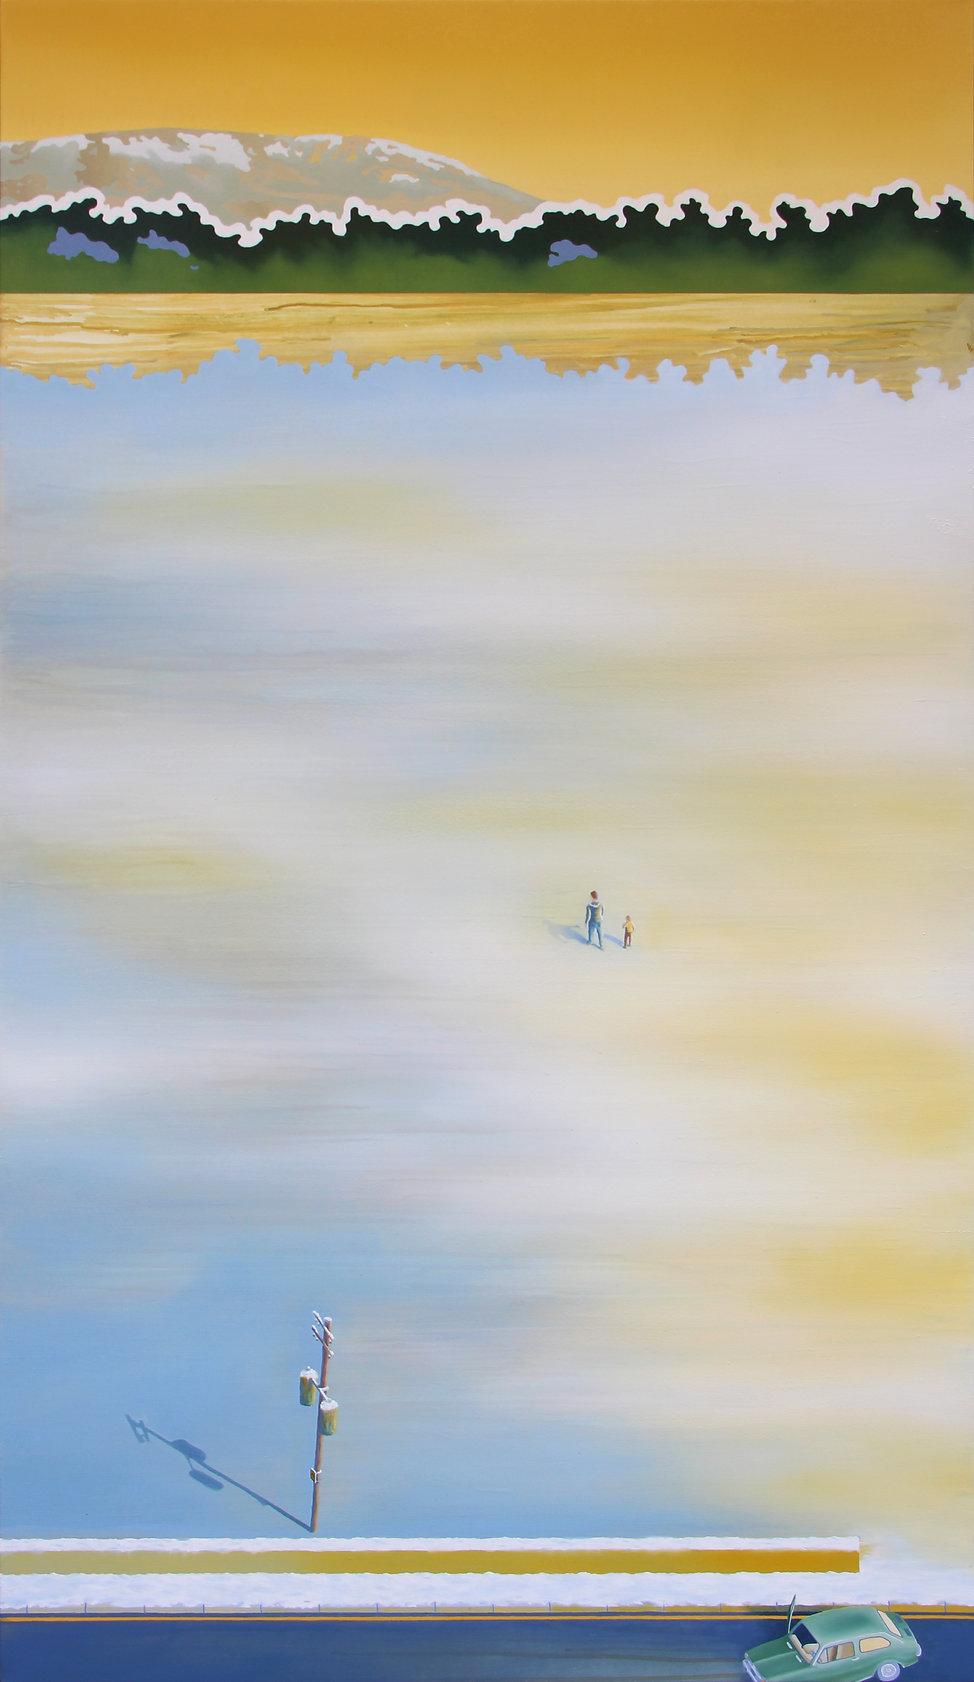 L'écart, acrylique et huile sur toile, 90x160cm, 2020